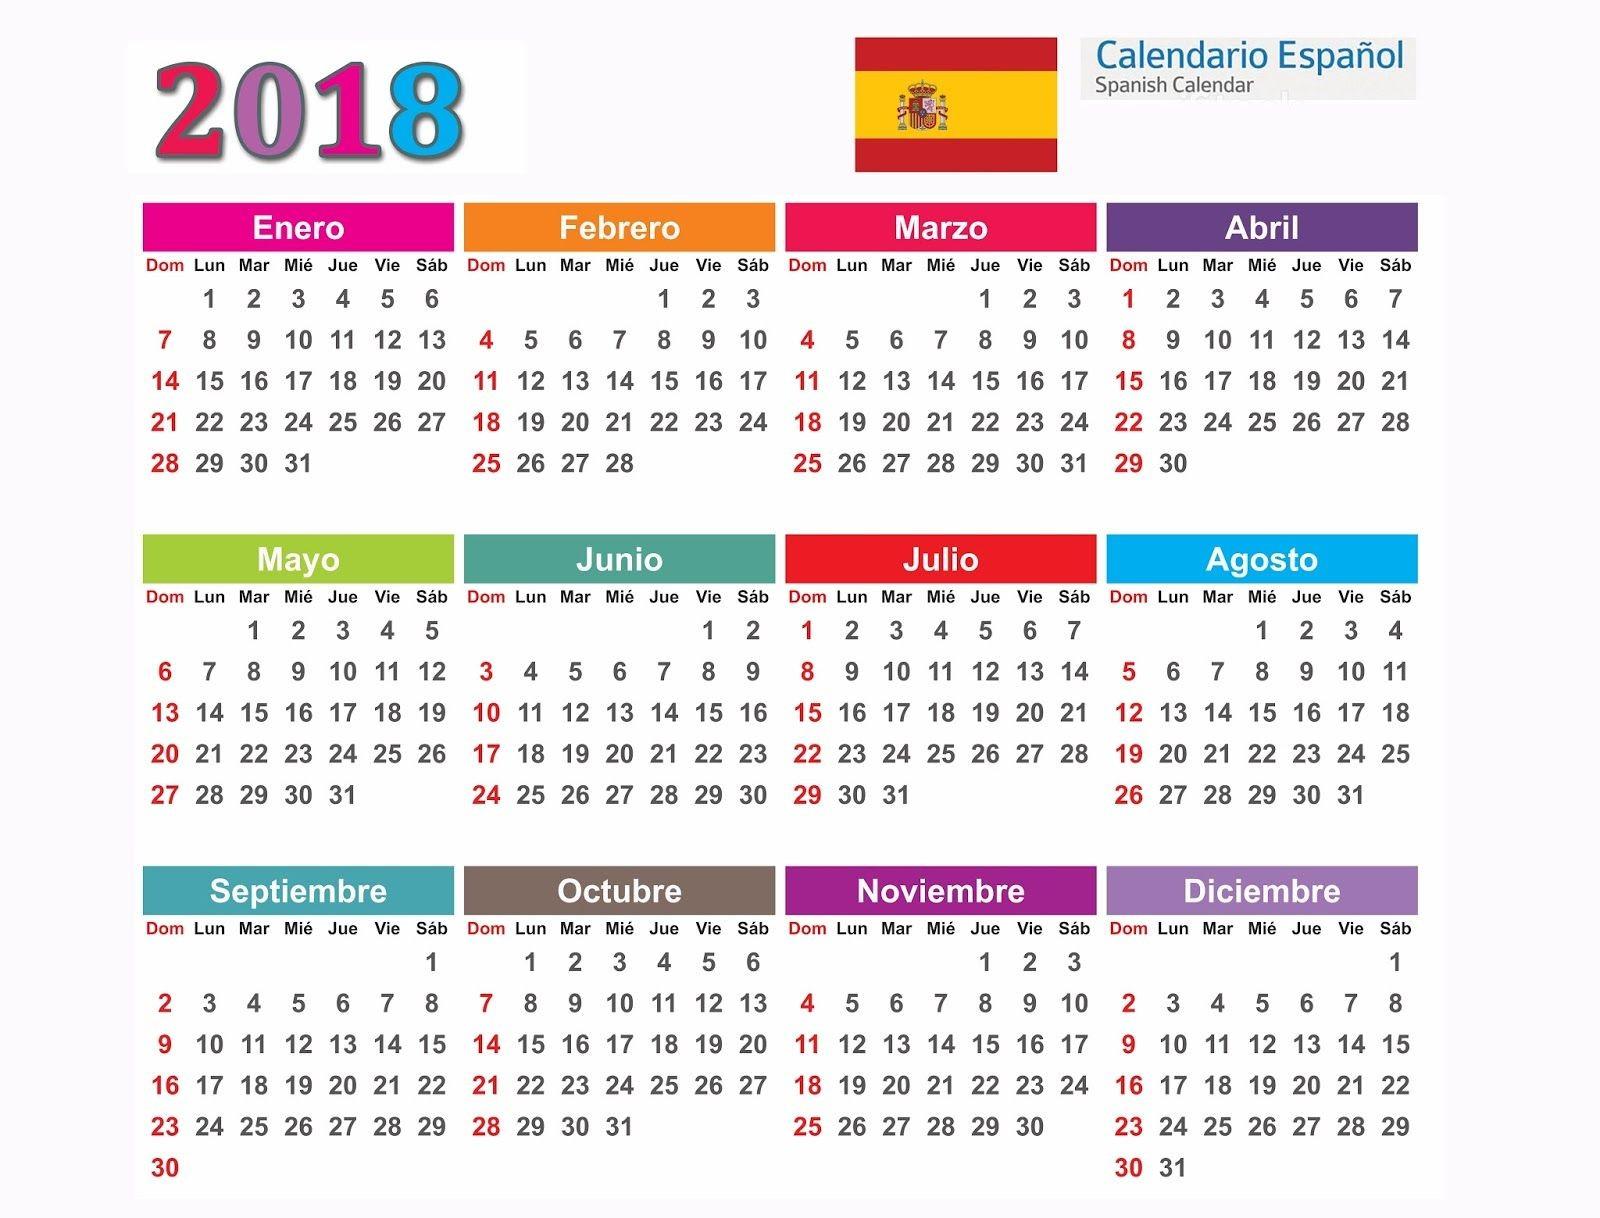 Calendário 2019 Excel Com Feriados Más Caliente Partilhando Ideias Calendrio 2018 Calendrio T Of Calendário 2019 Excel Com Feriados Actual Calendario Novembro 2018 Imprimir T